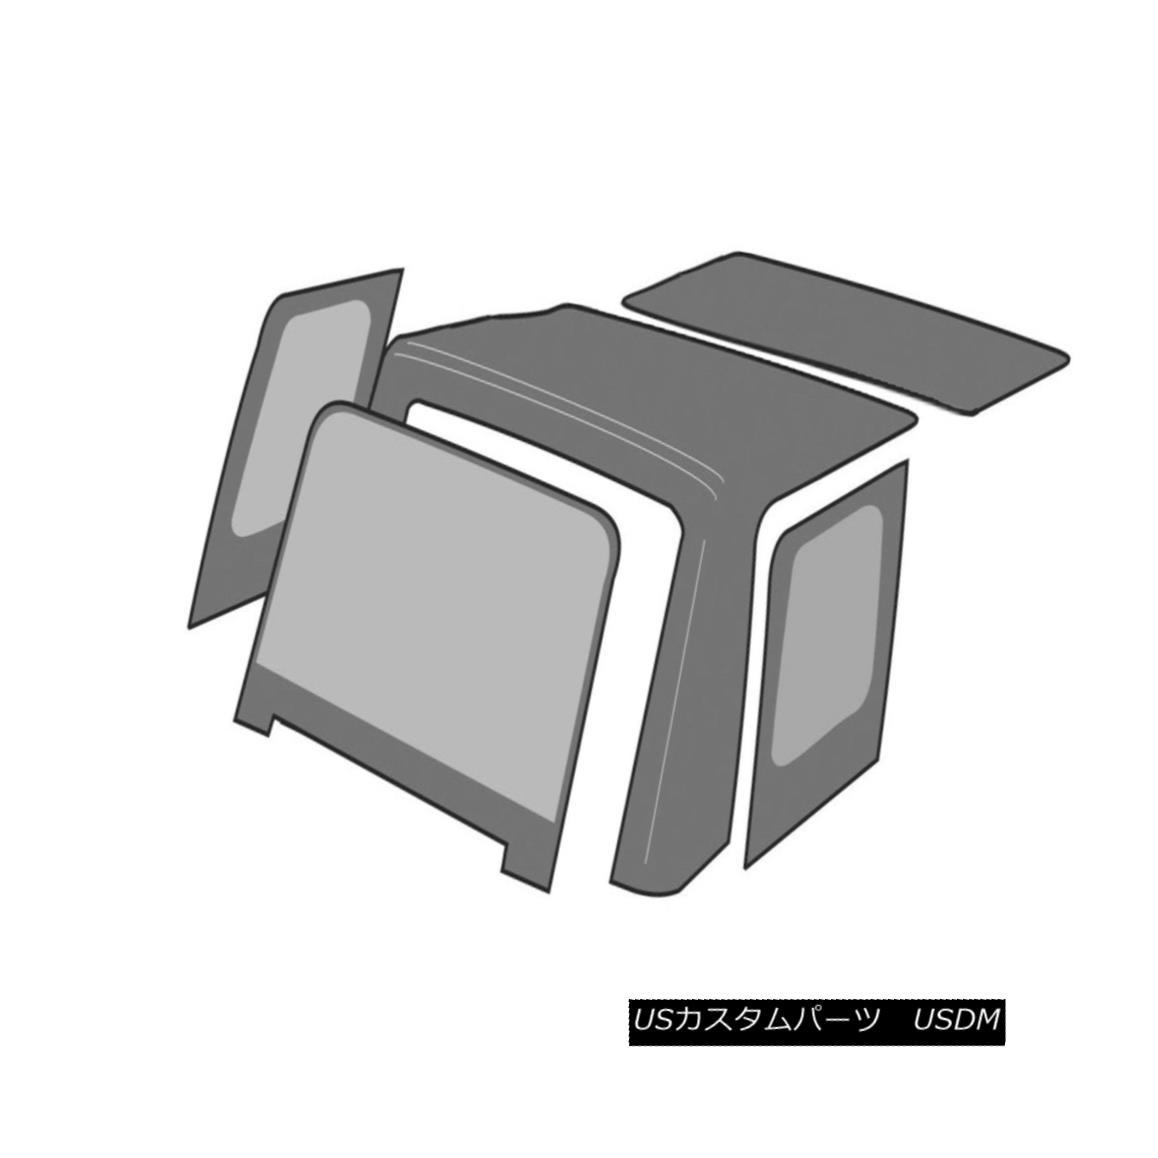 幌・ソフトトップ Rampage 98715 Factory Replacement Soft Top Fits 89-94 Sidekick Tracker 暴走98715工場交換用ソフトトップ89-94サイドクックトラッカー